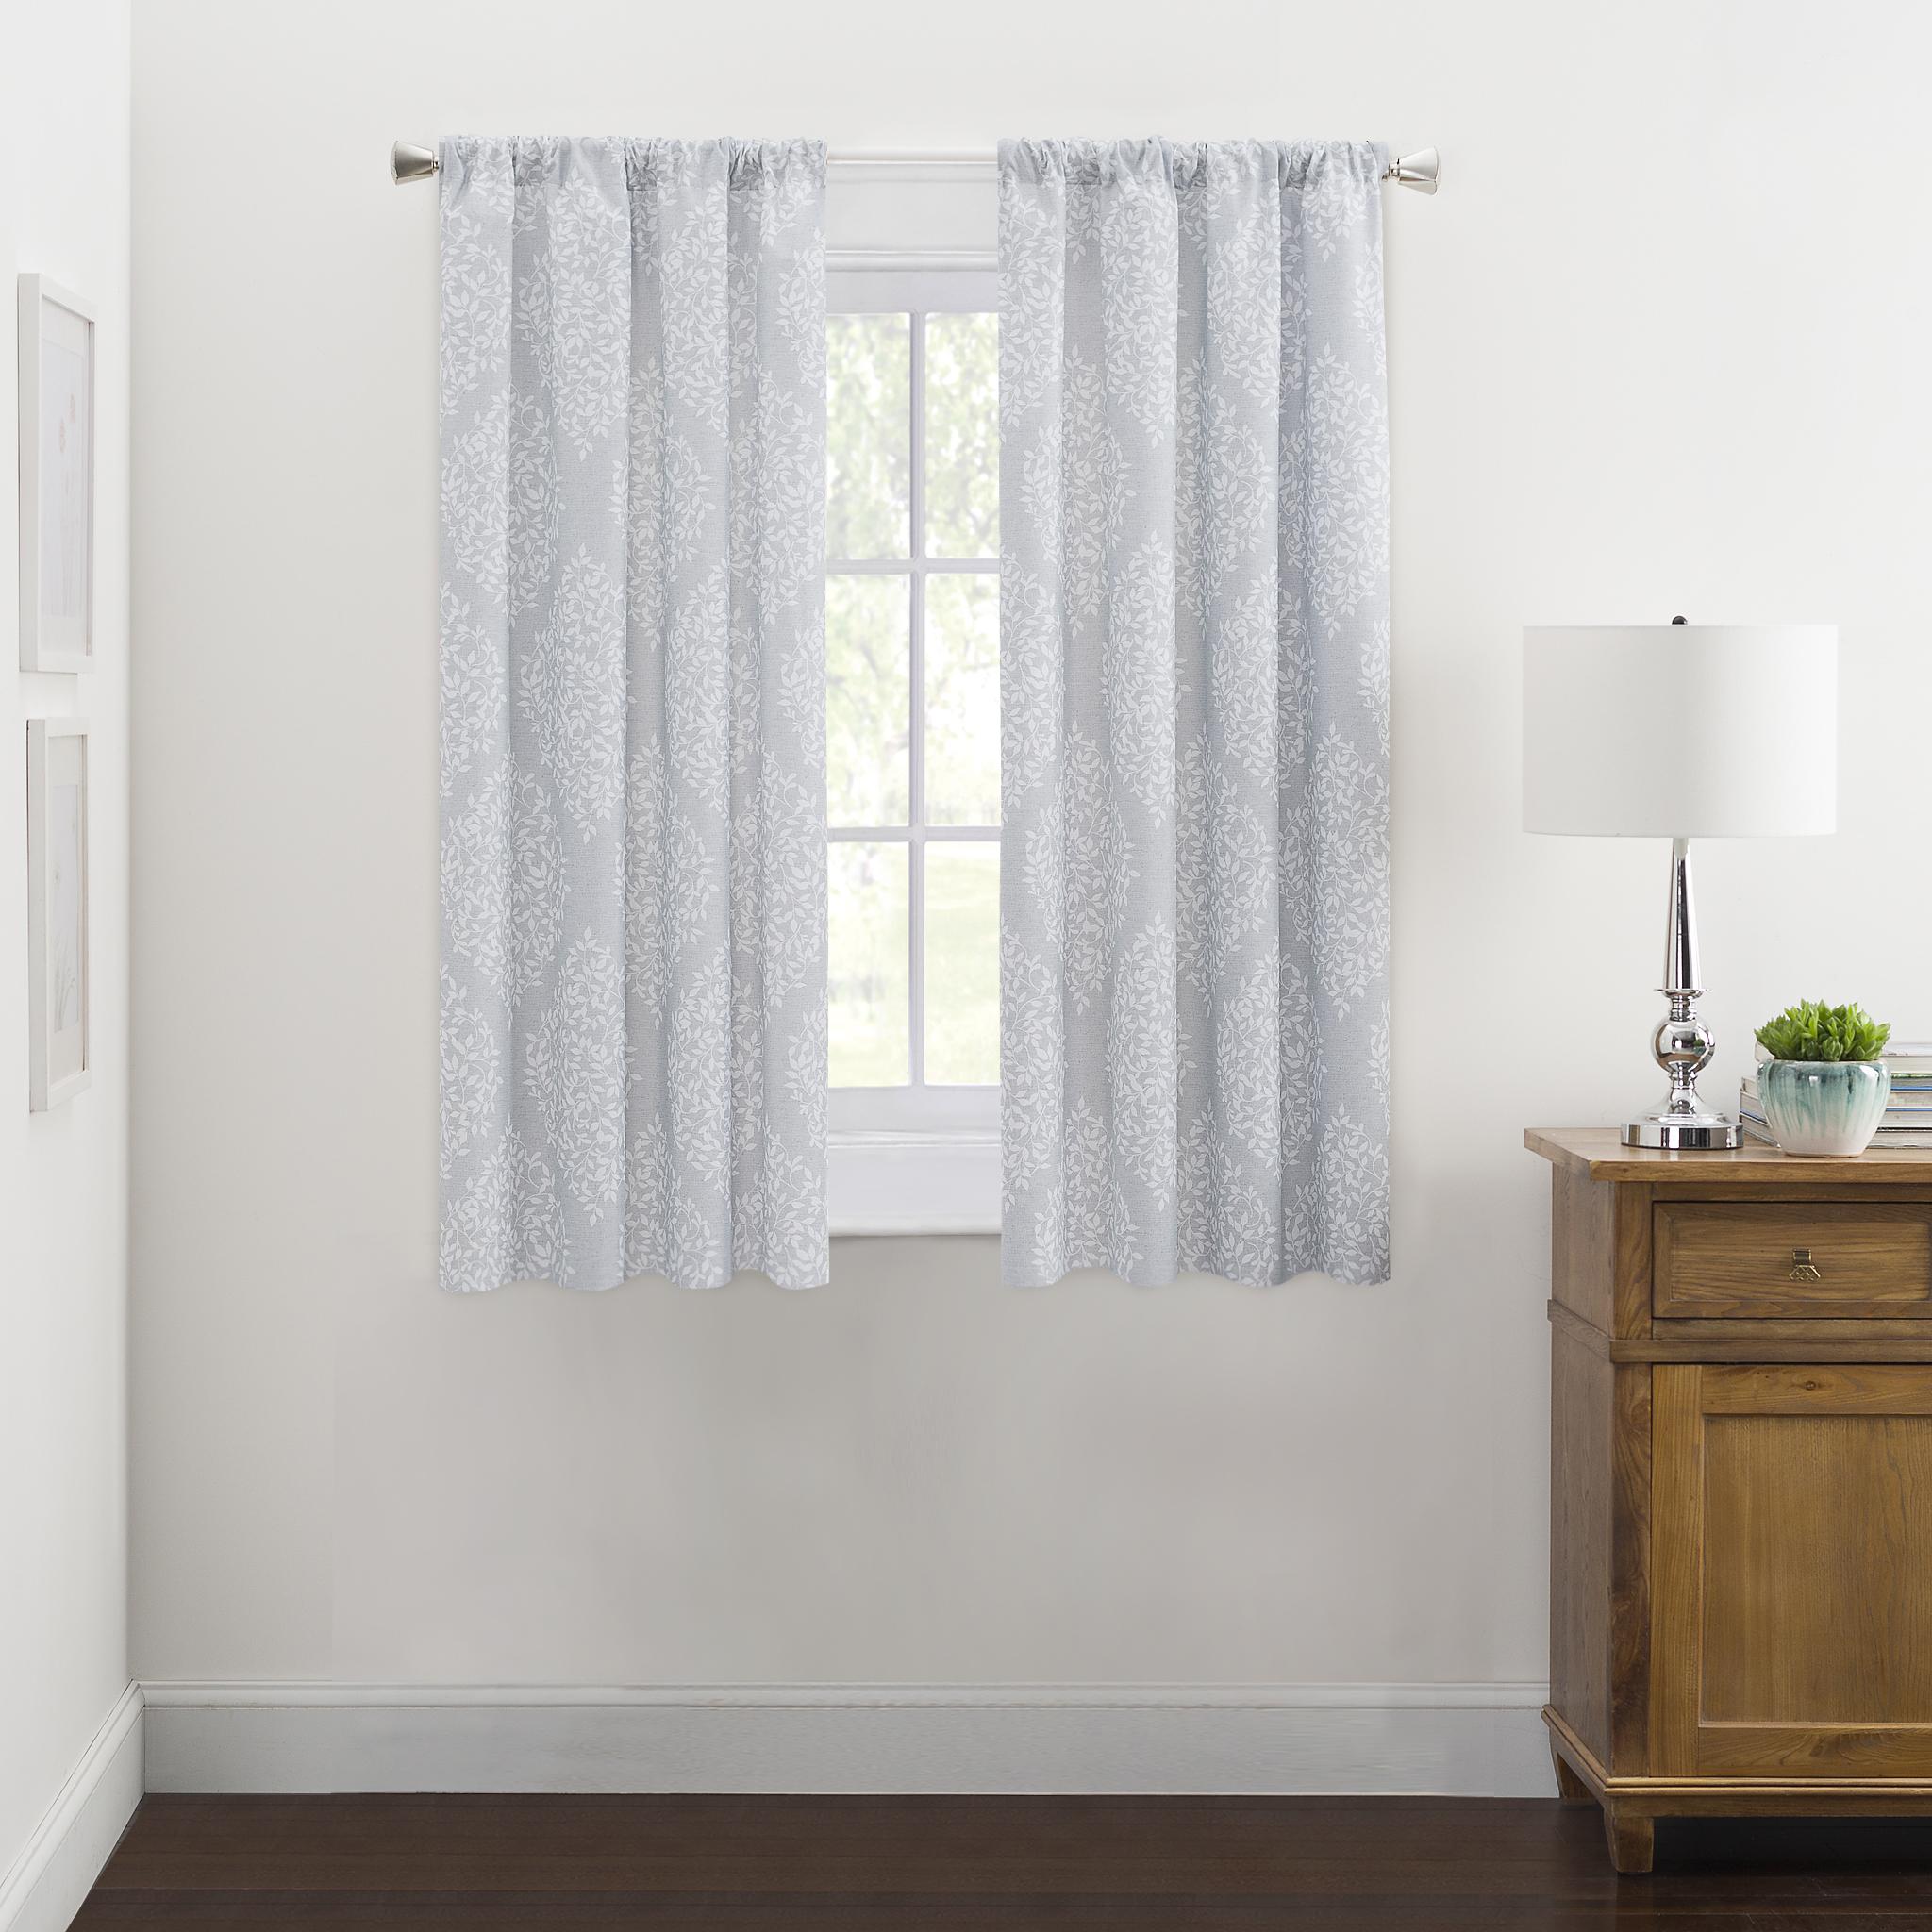 Mainstays Leaf Medallion Window Curtains, Set of 2